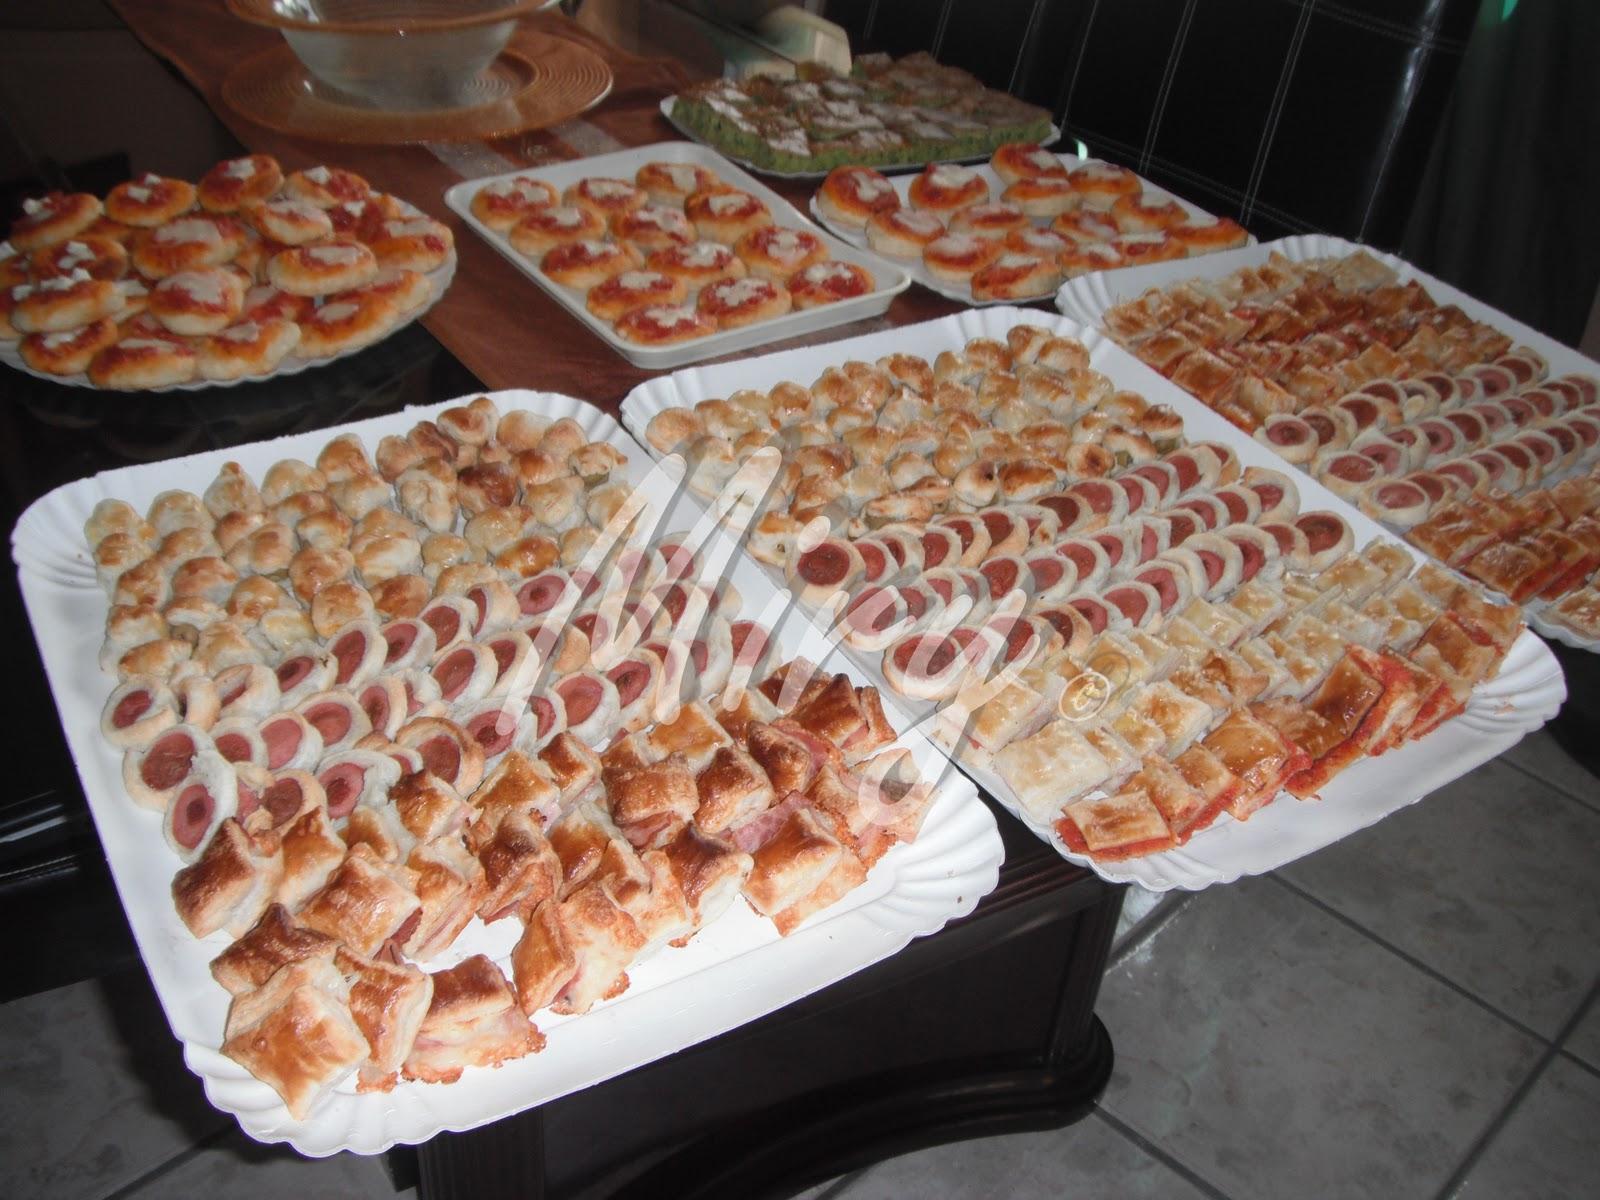 Super Cucina e altre passioni: Assortimento di stuzzichini e pizzette! NU23